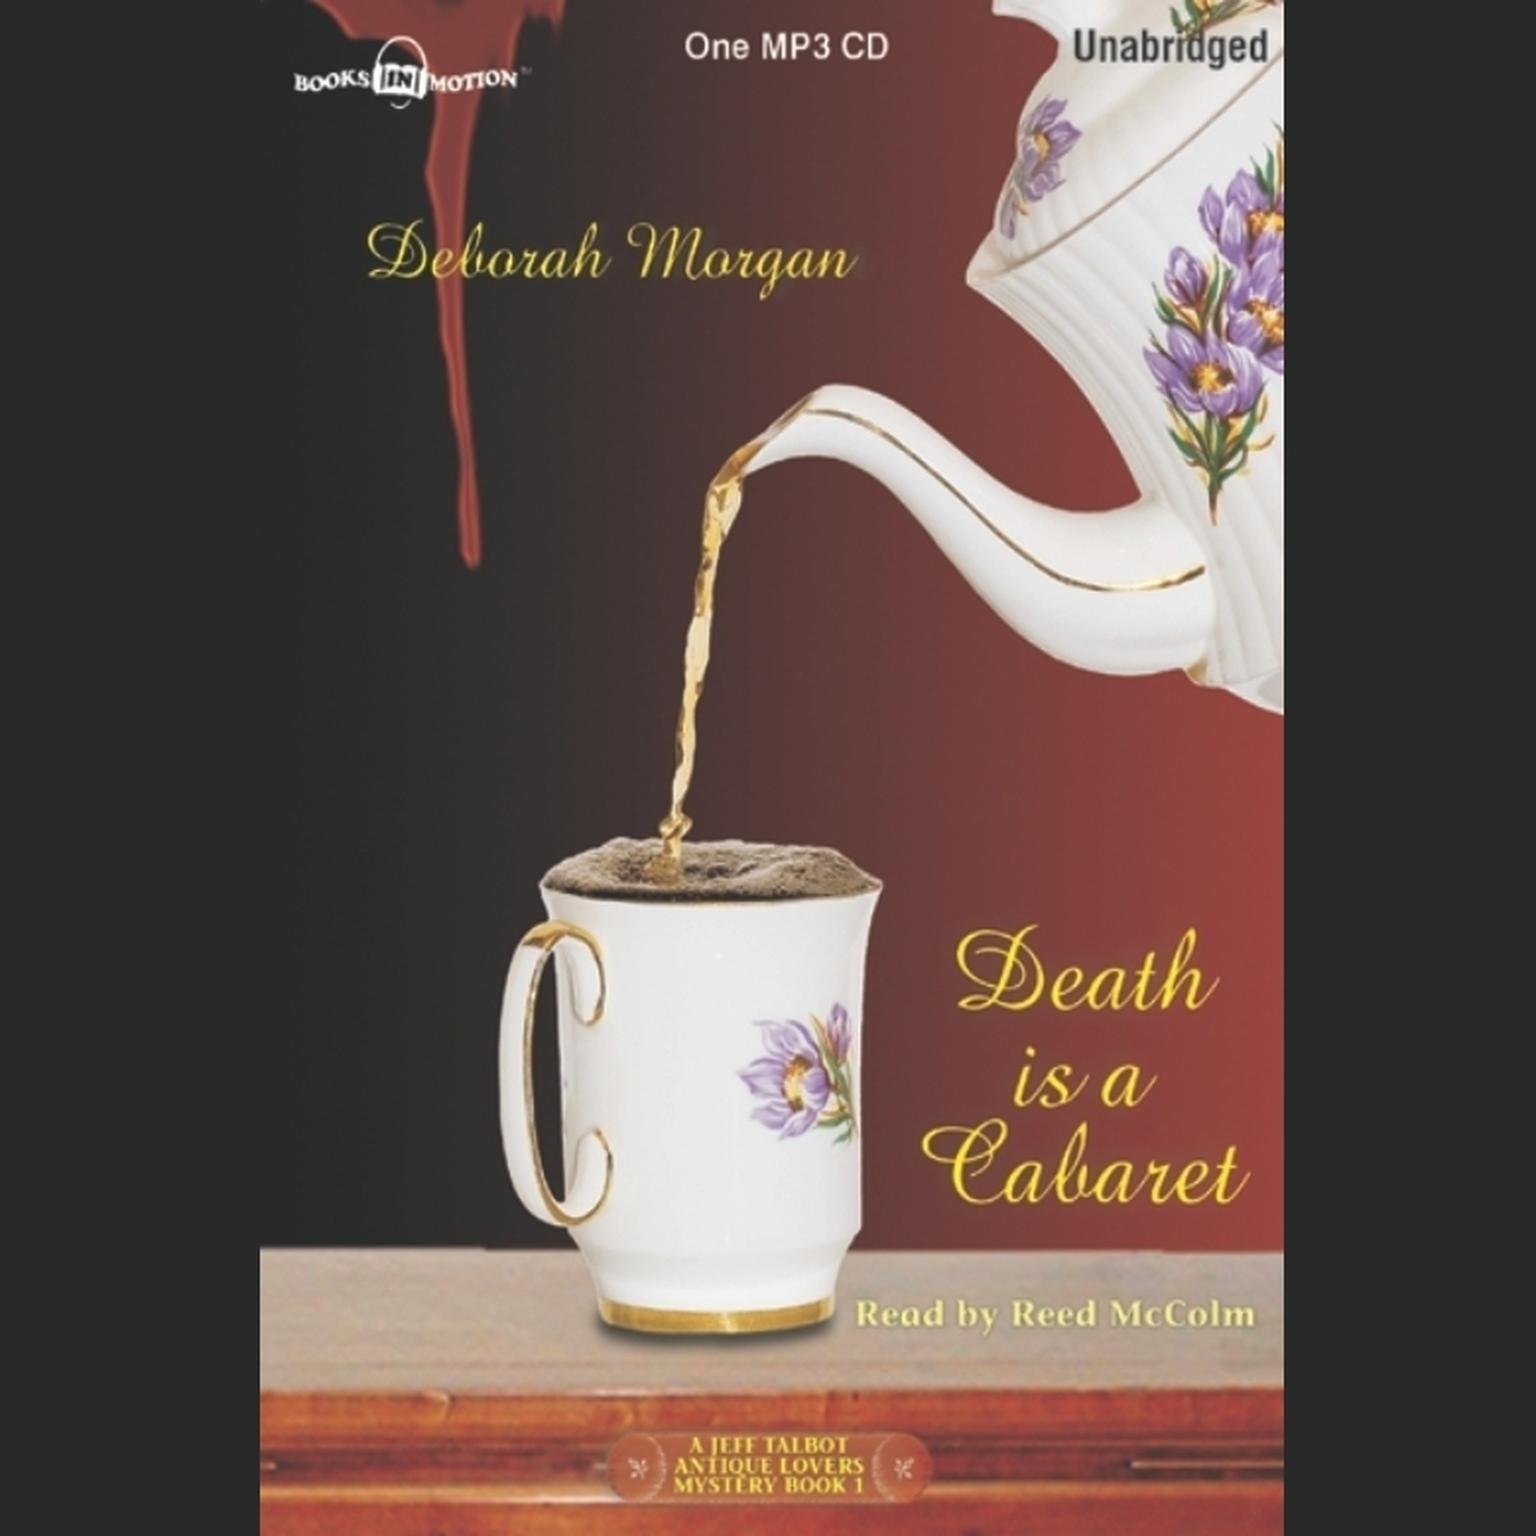 Death is a Cabaret Audiobook, by Deborah Morgan